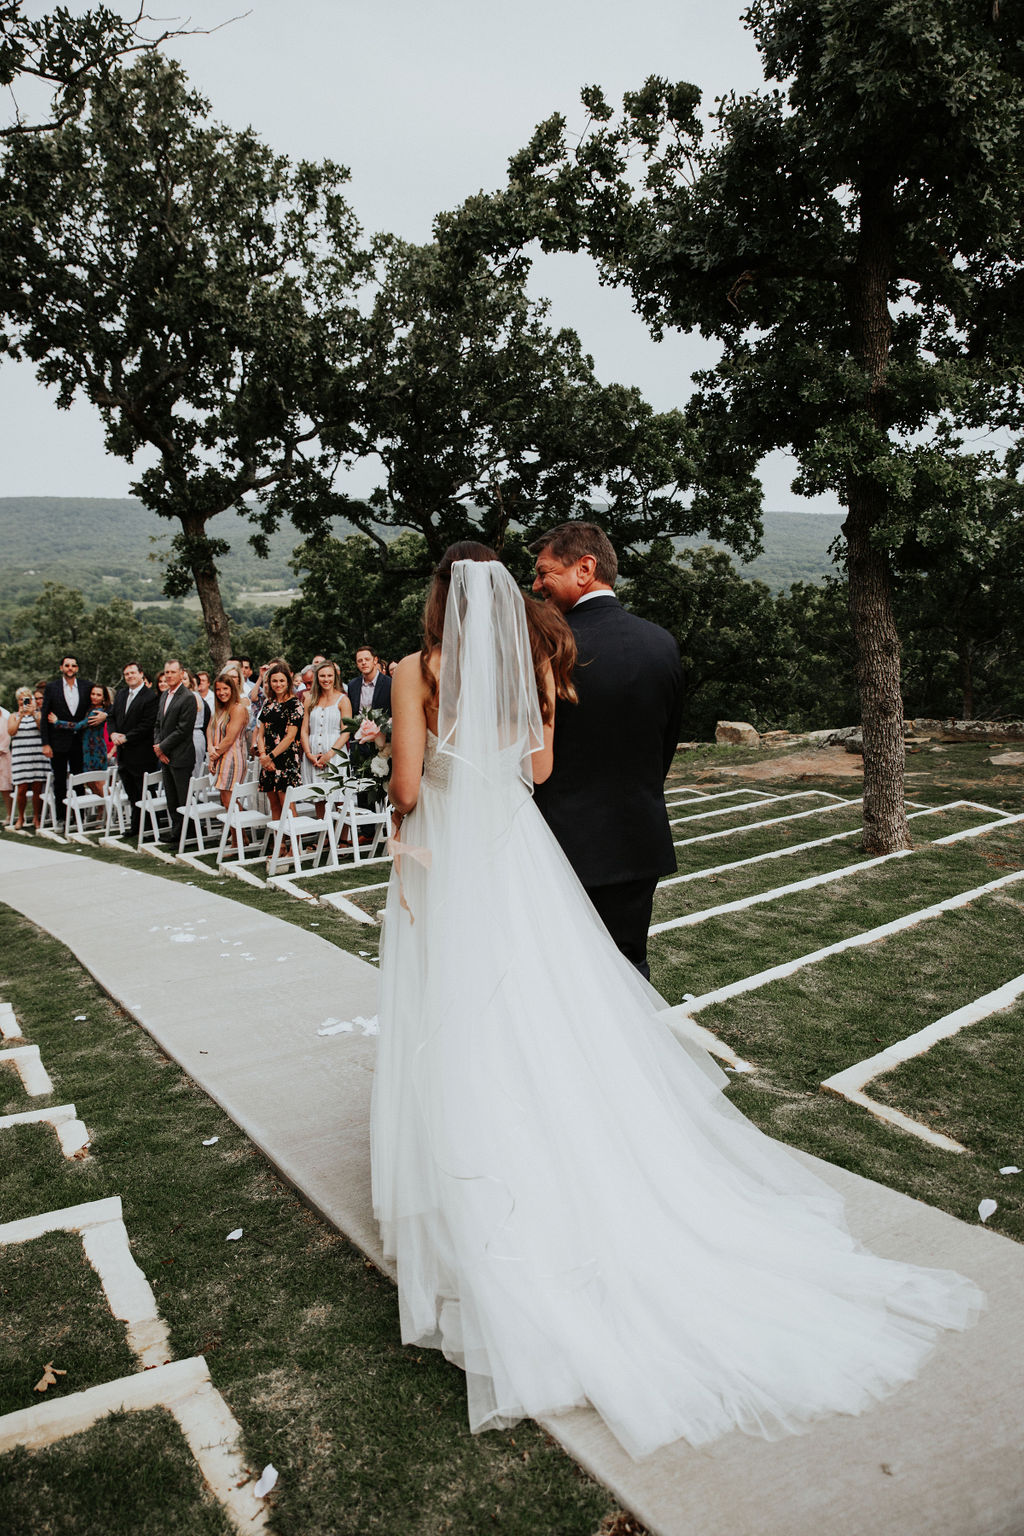 Tulsa Outdoor Wedding Venues 44.jpg